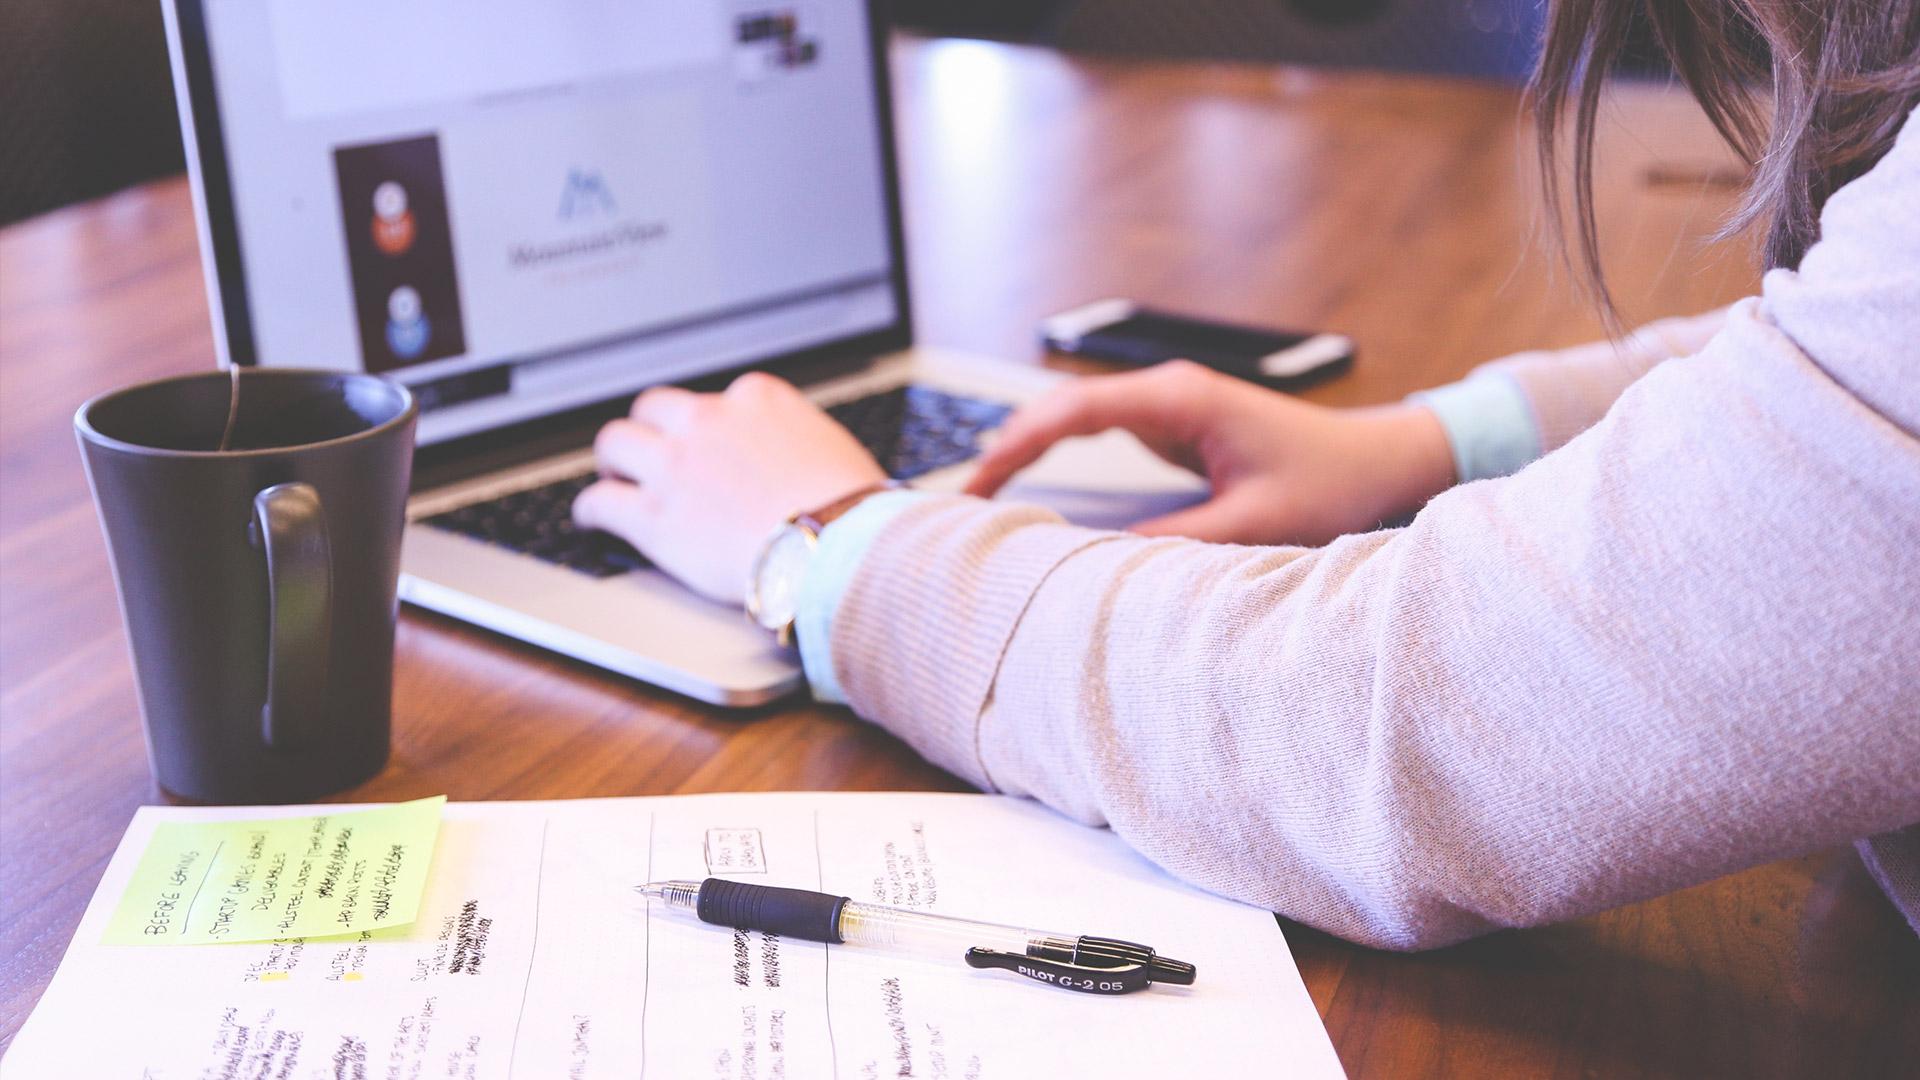 Blog-Inhalt wo bist du?